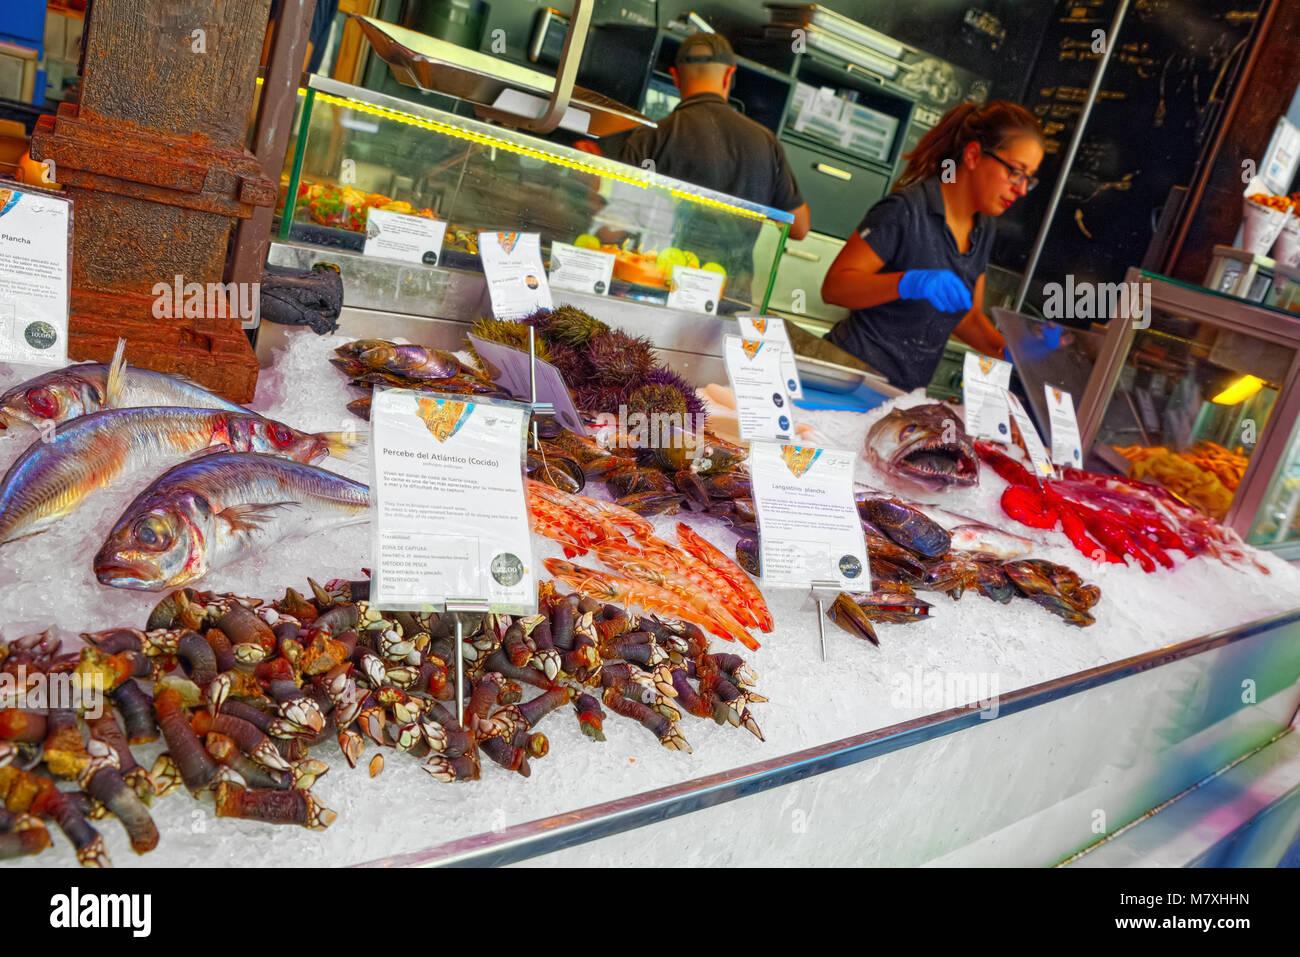 Madrid, Spagna - 05 Giugno 2017 : Piscina del Mercato di San Miguel (Spagnolo: Mercado de San Miguel) è un mercato coperto situato a Madrid, Spagna. Originall Foto Stock